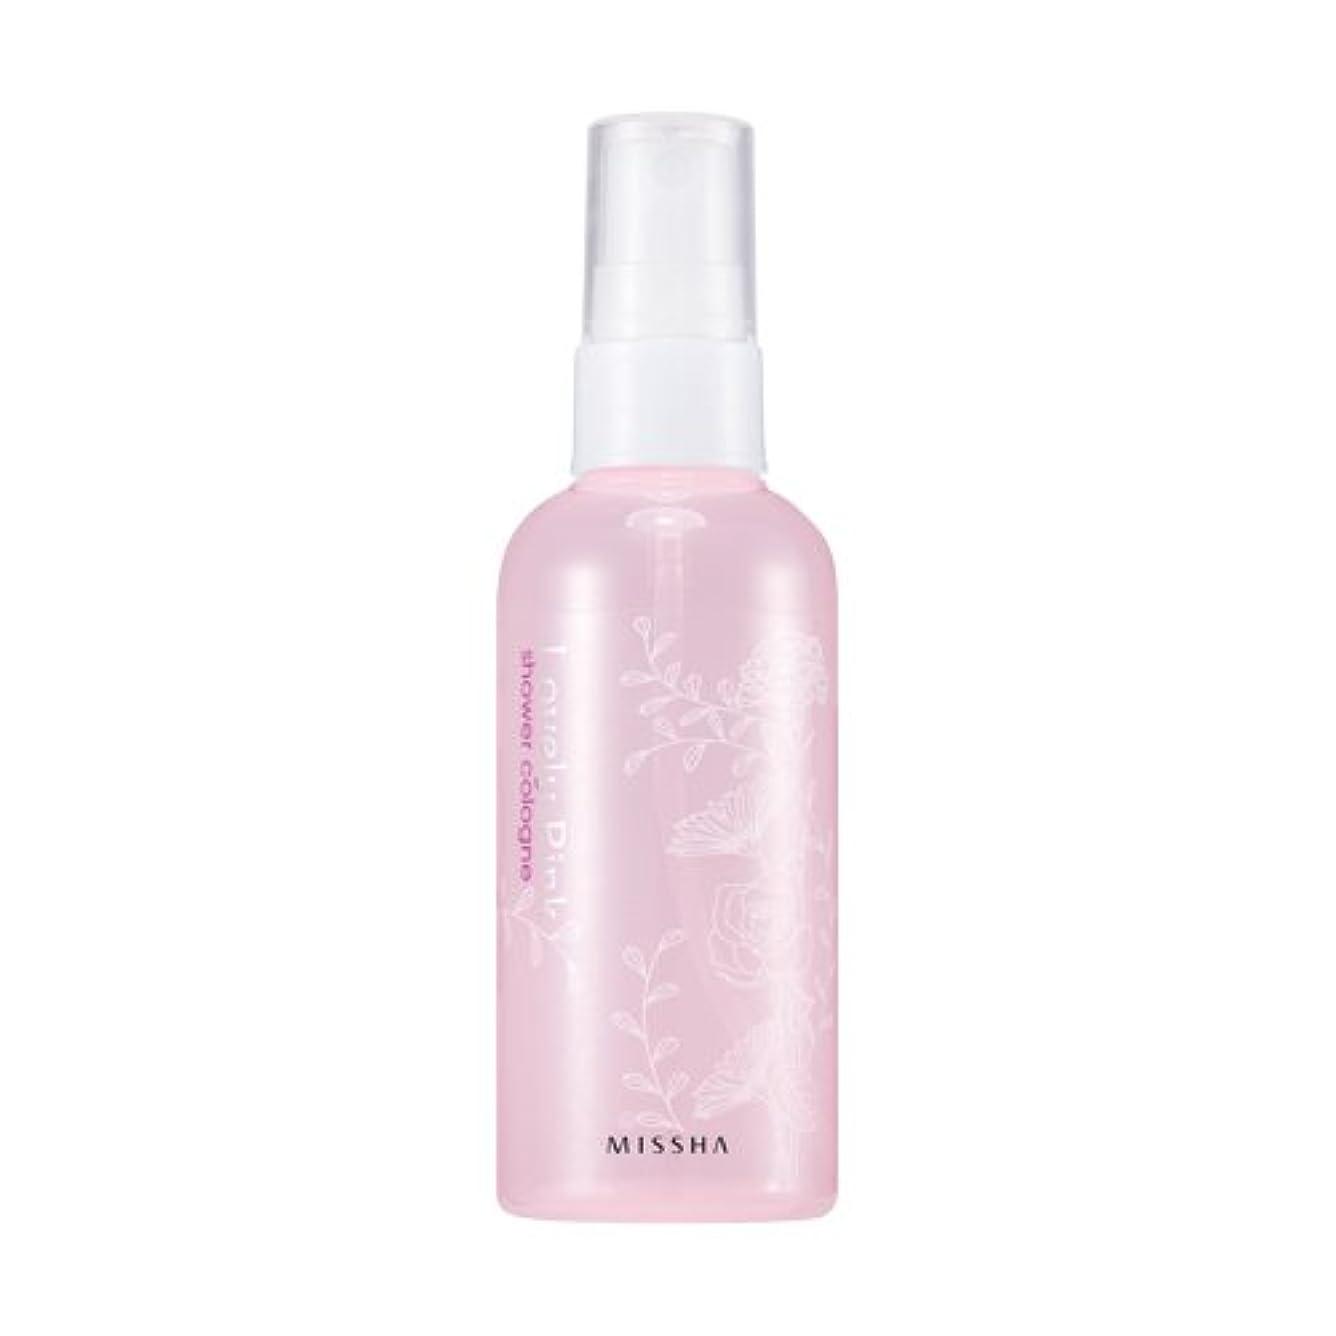 秀でる乗り出すセラフMISSHA Perfumed Shower Cologne Lovely pink 105ml / ミシャ パフュームドシャワーコロン ラブリーピンク 105ml [並行輸入品]